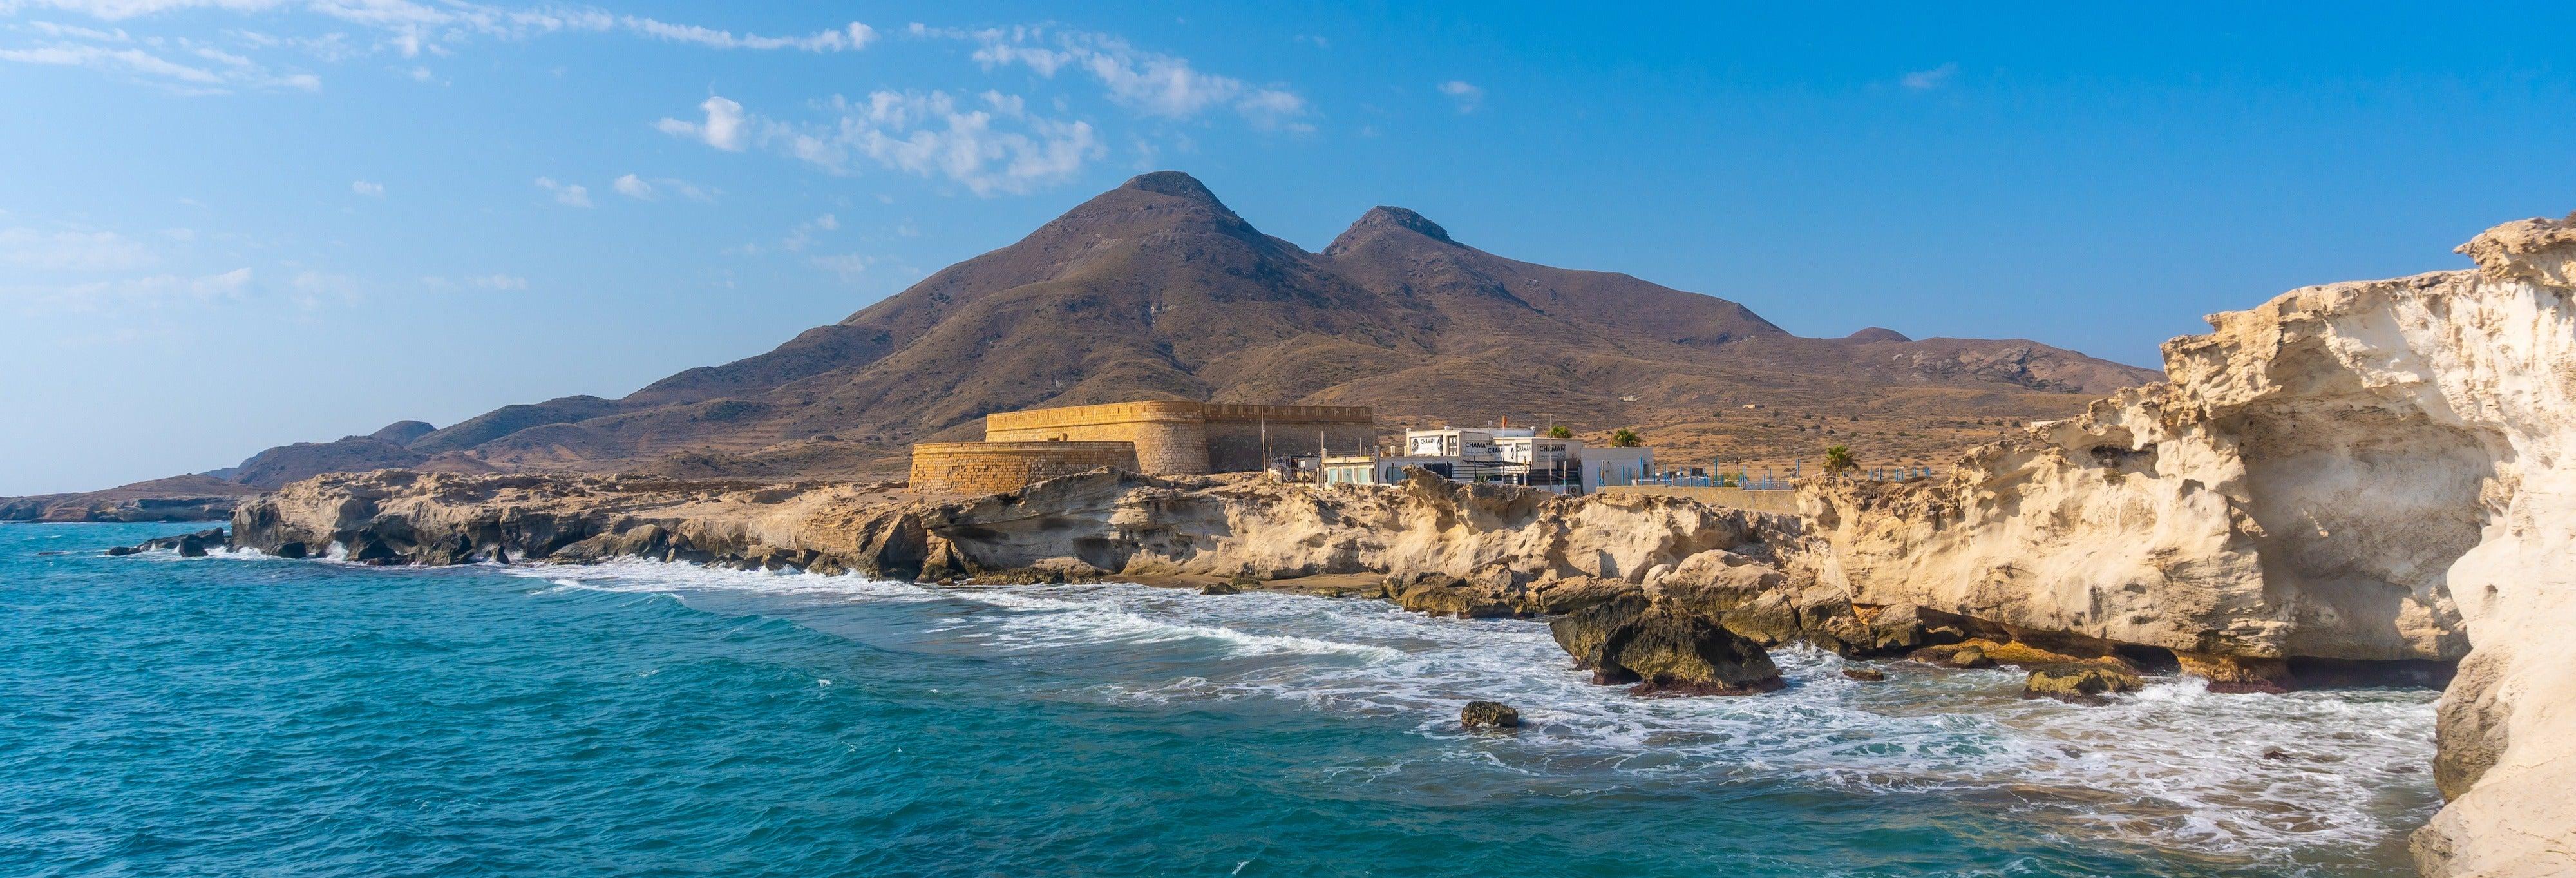 Kayak a Cabo de Gata